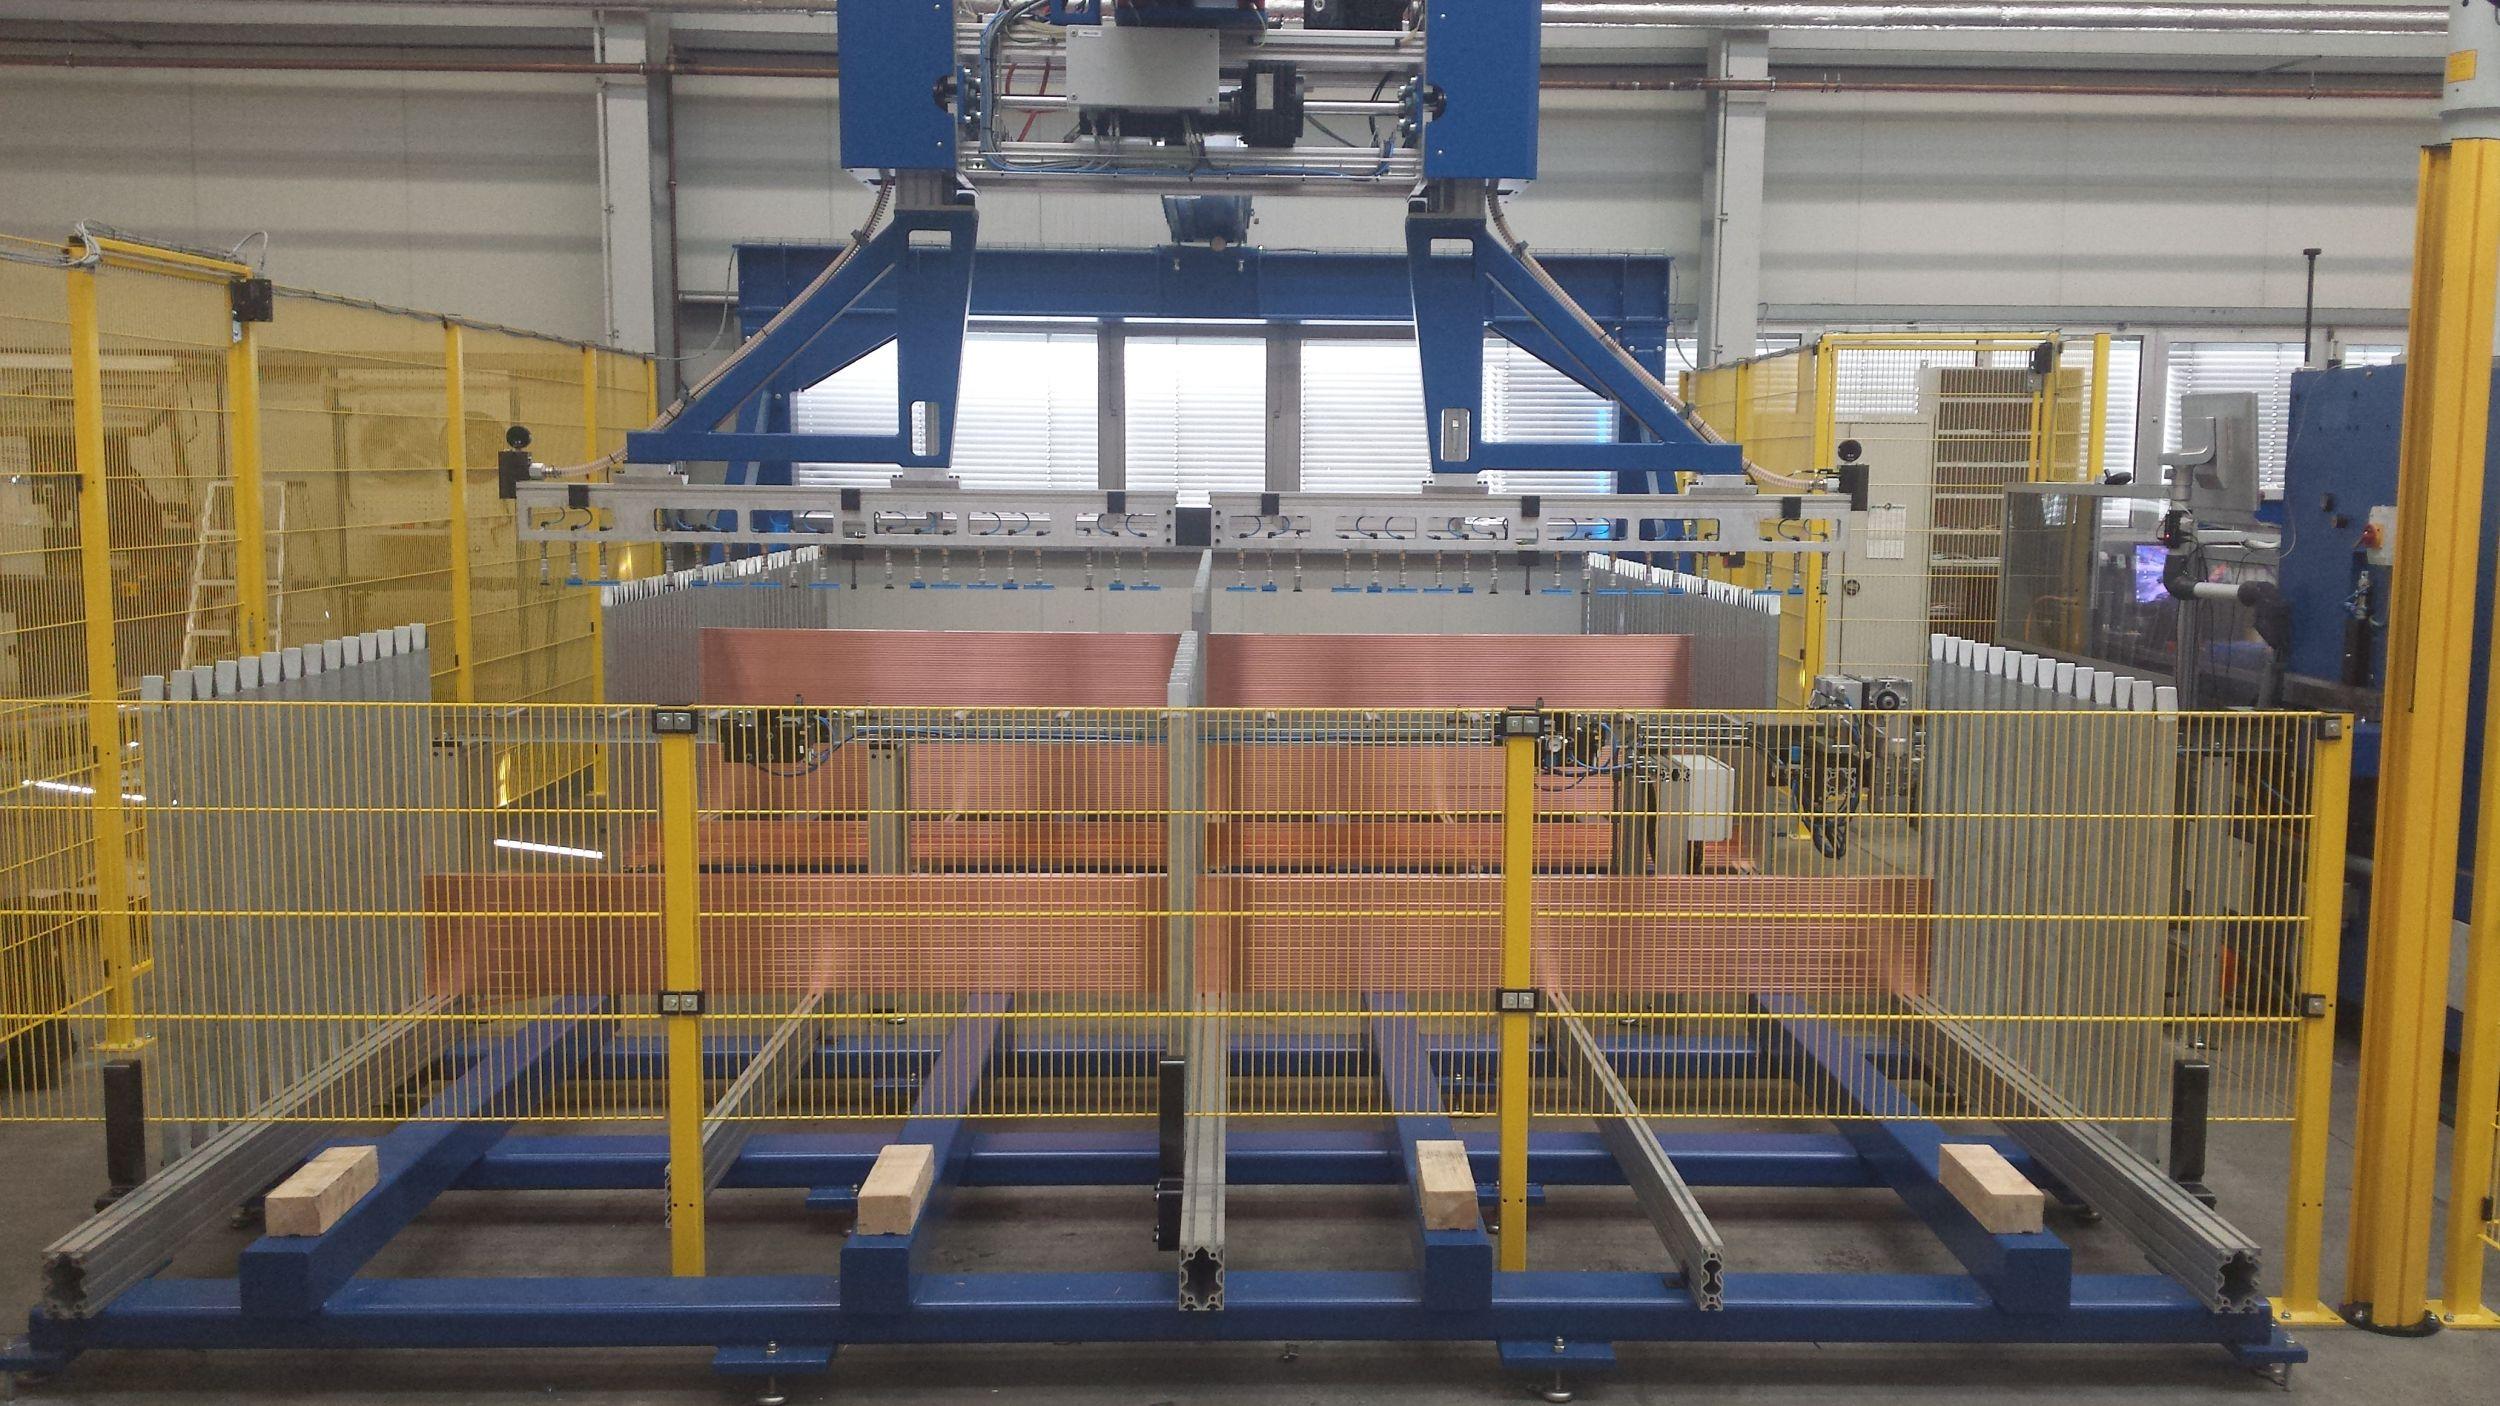 Das Gantry und die Stanzmaschine arbeiten als ein Maschinensystem zusammen und übernehmen den gesamten Arbeitsprozess vollautomatisch. (Bild: Ehrt Maschinenbau GmbH)